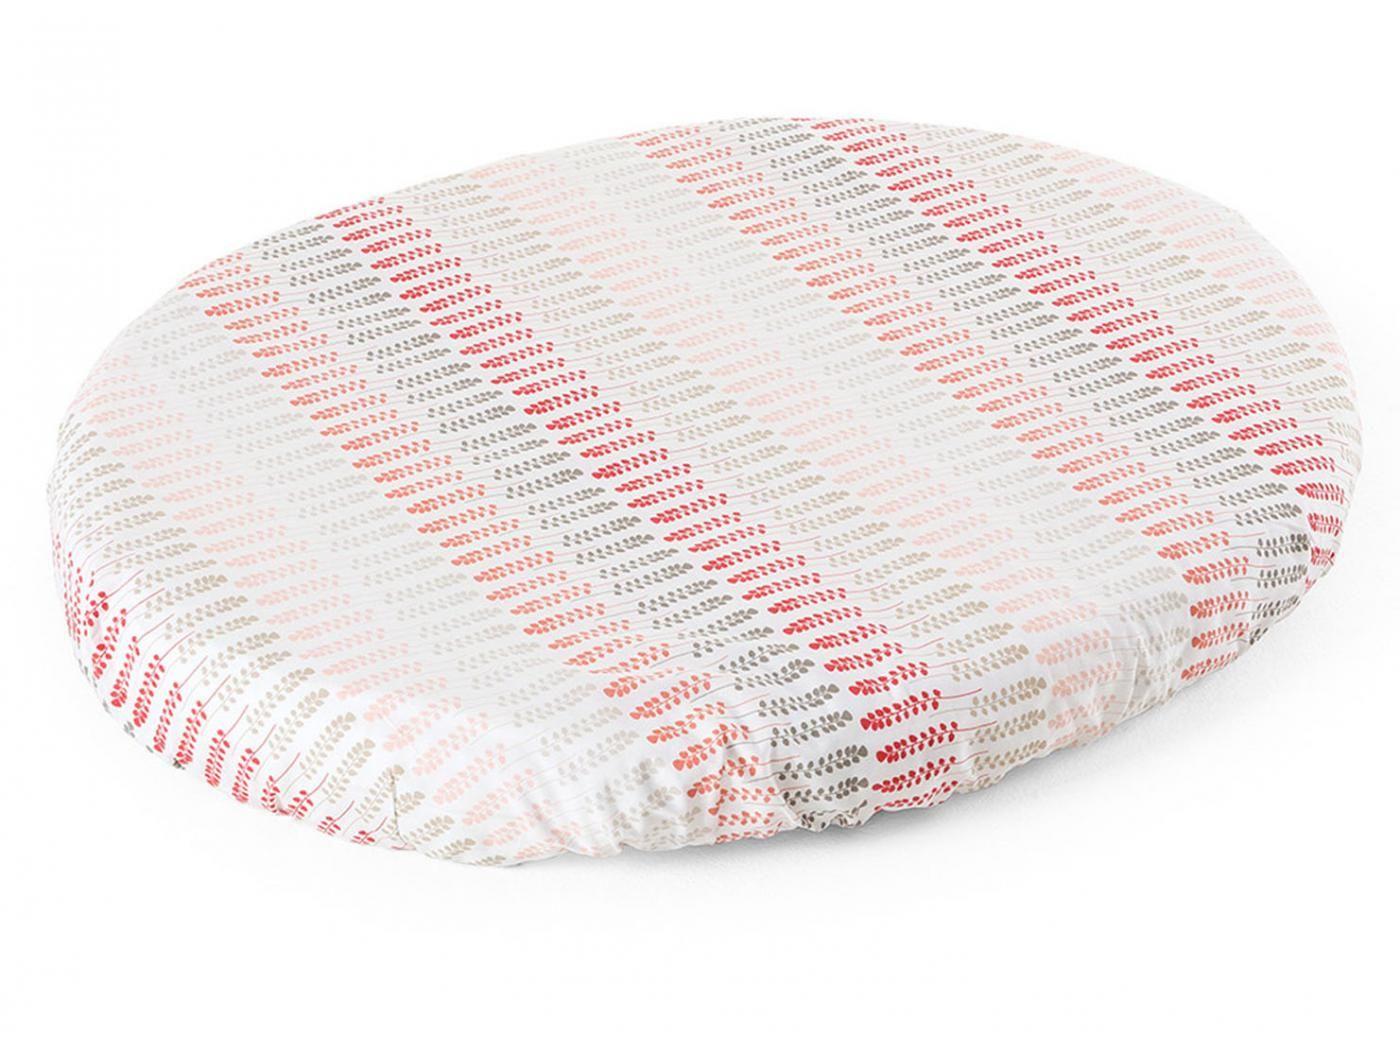 linge de lit stokke Stokke   Sleepi Drap Housse Mini Coral Straw | Linge de lit bébé  linge de lit stokke